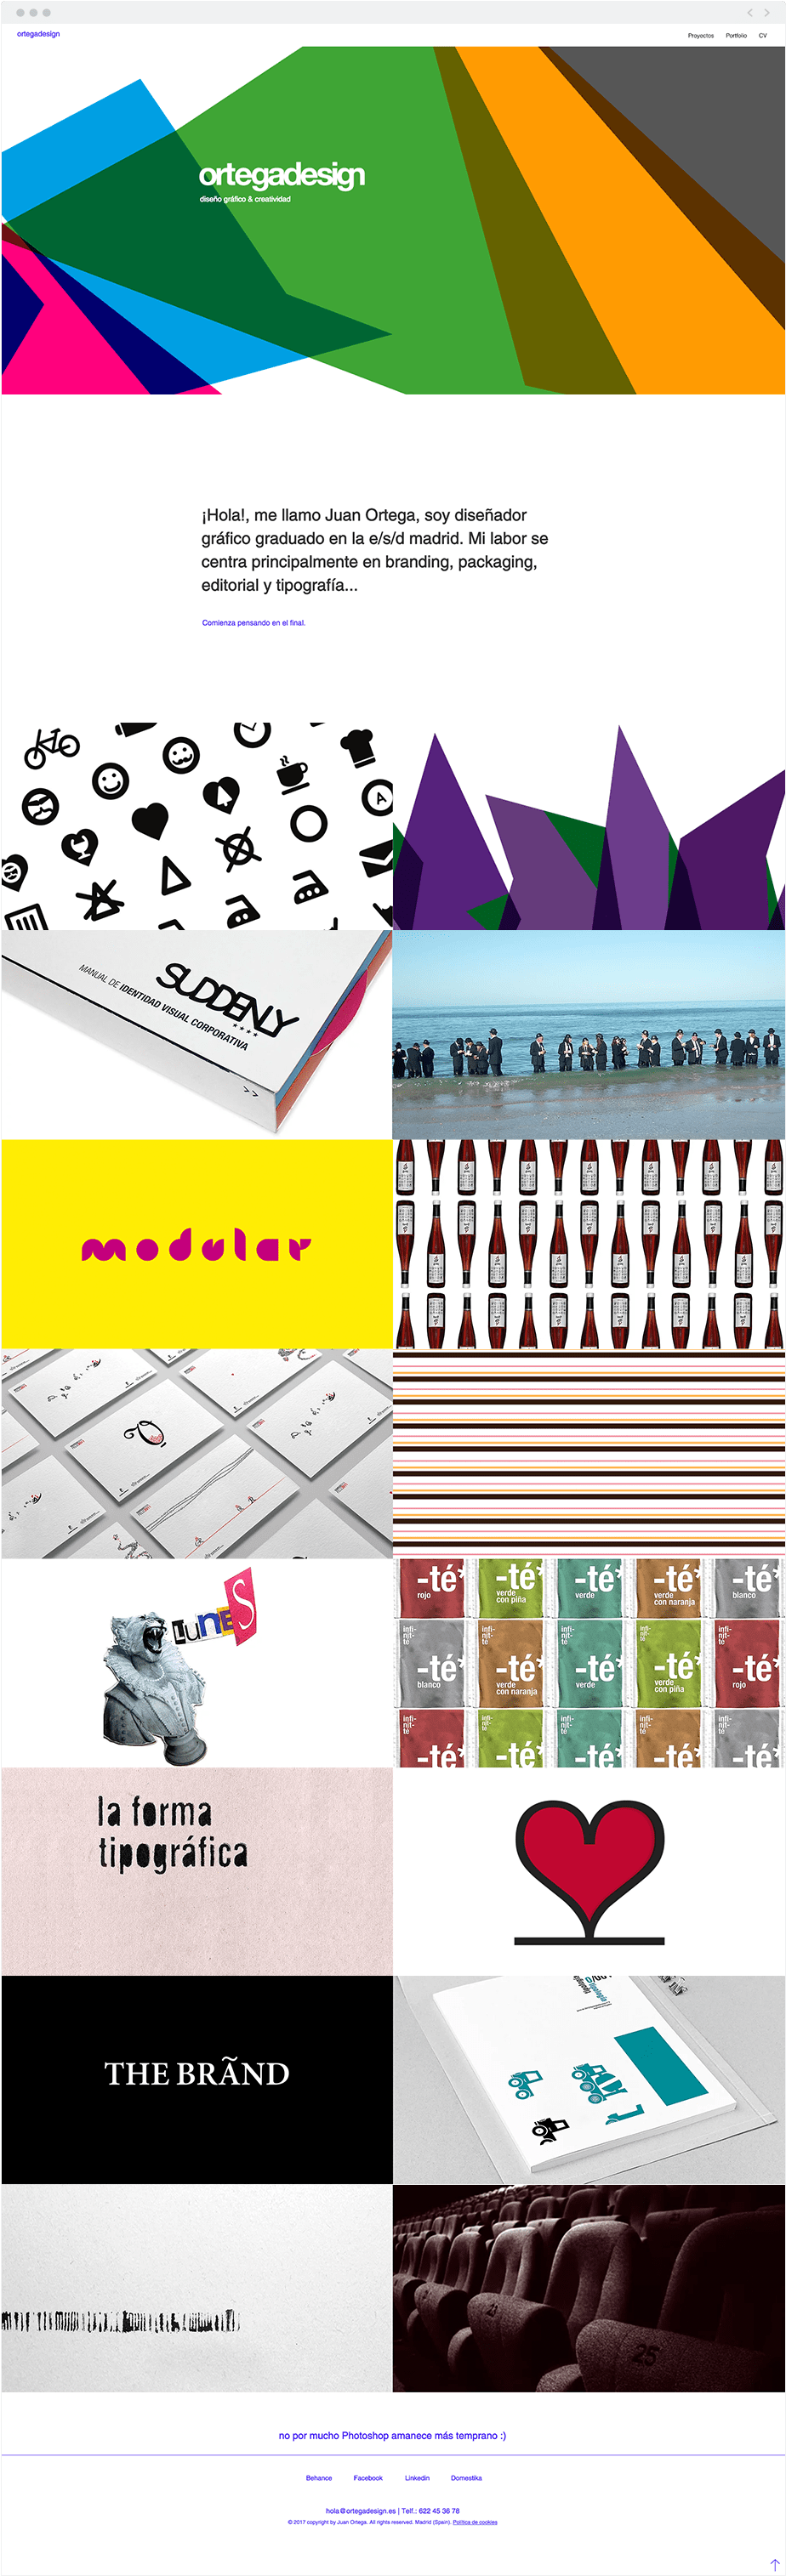 8 Site Wix Incríveis com um Toque de Criatividade Latina: Ortega Design